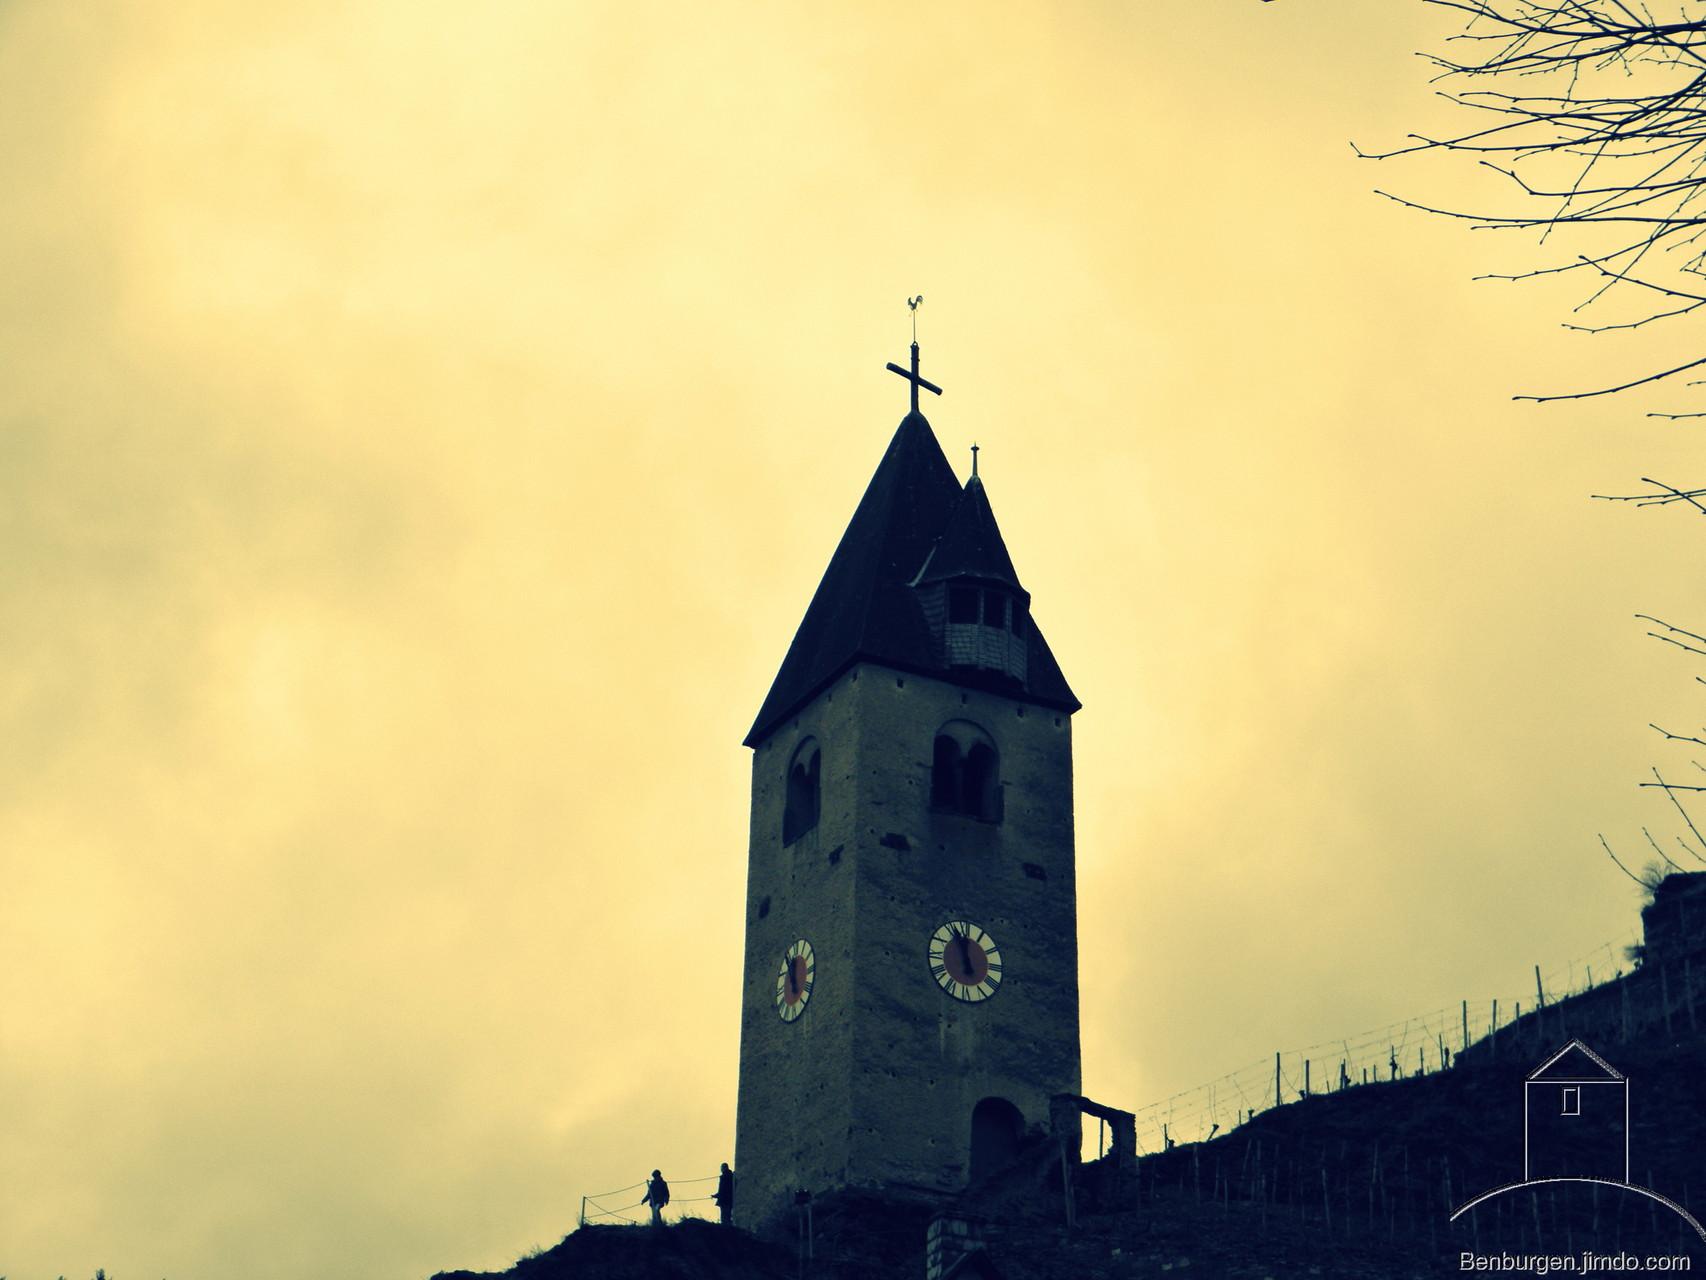 Wehrturm der Stadtbefestigung und heutiger Glockenturm in Kobern.